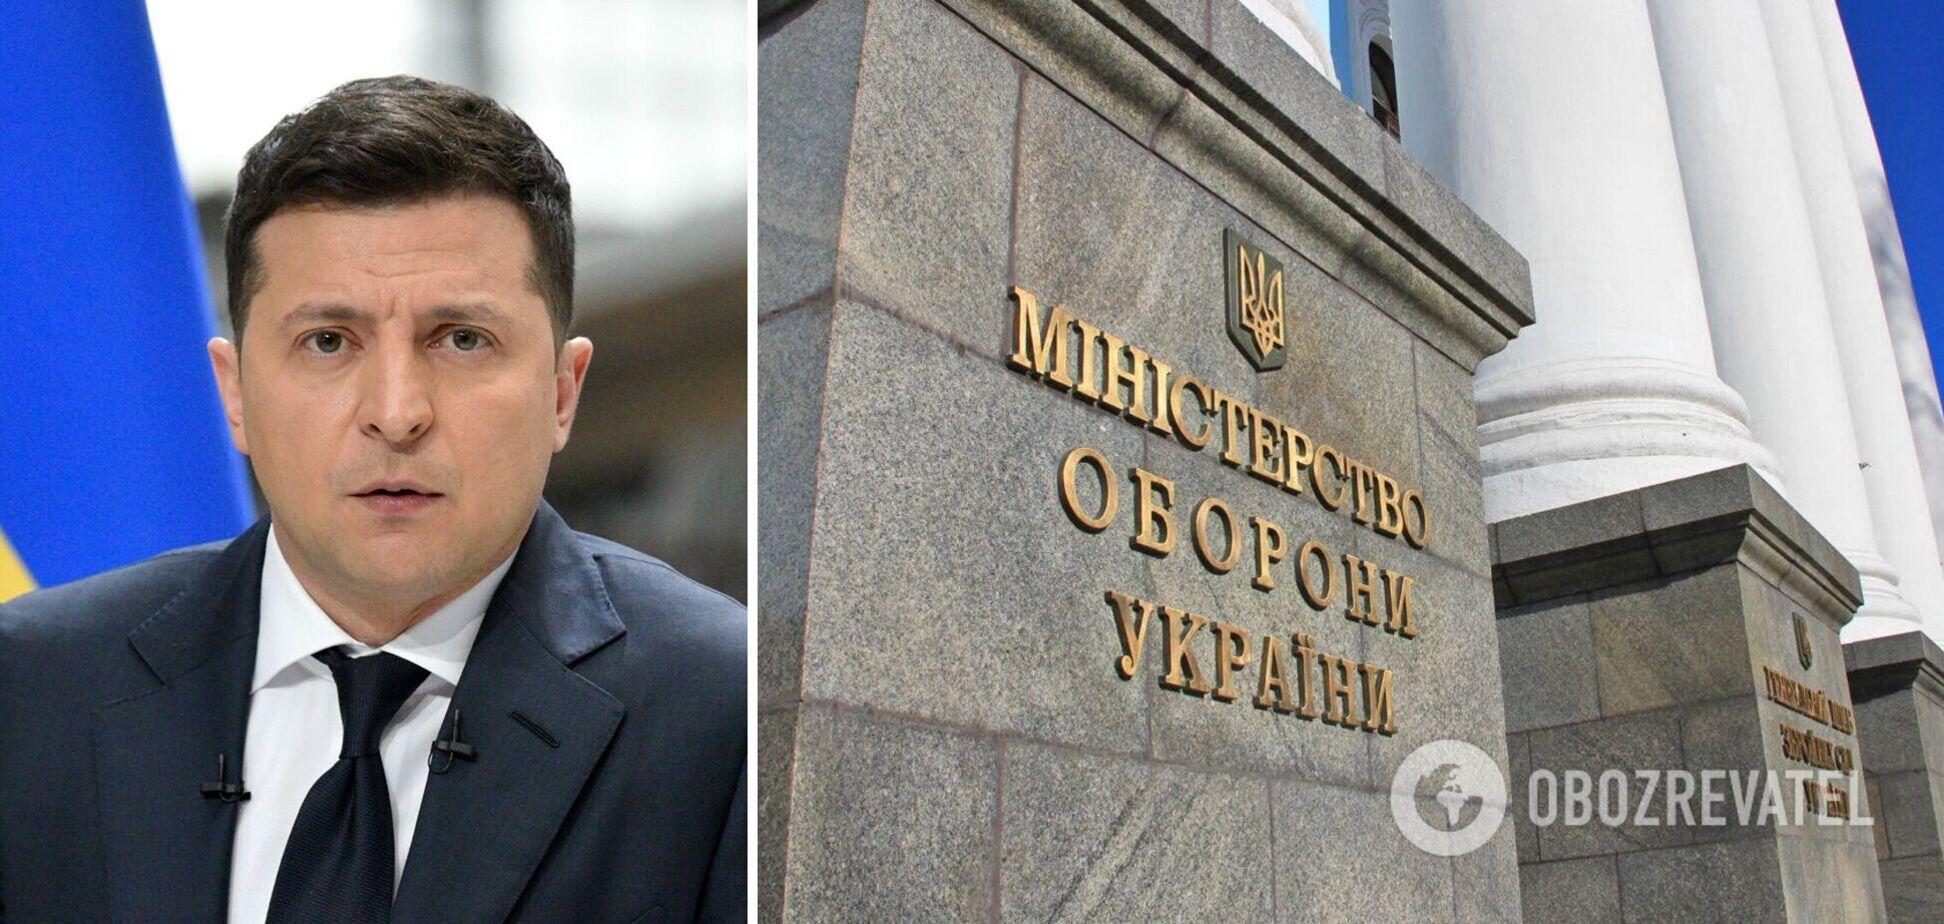 Неожиданный выбор Зеленского: в СМИ назвали имя нового министра обороны